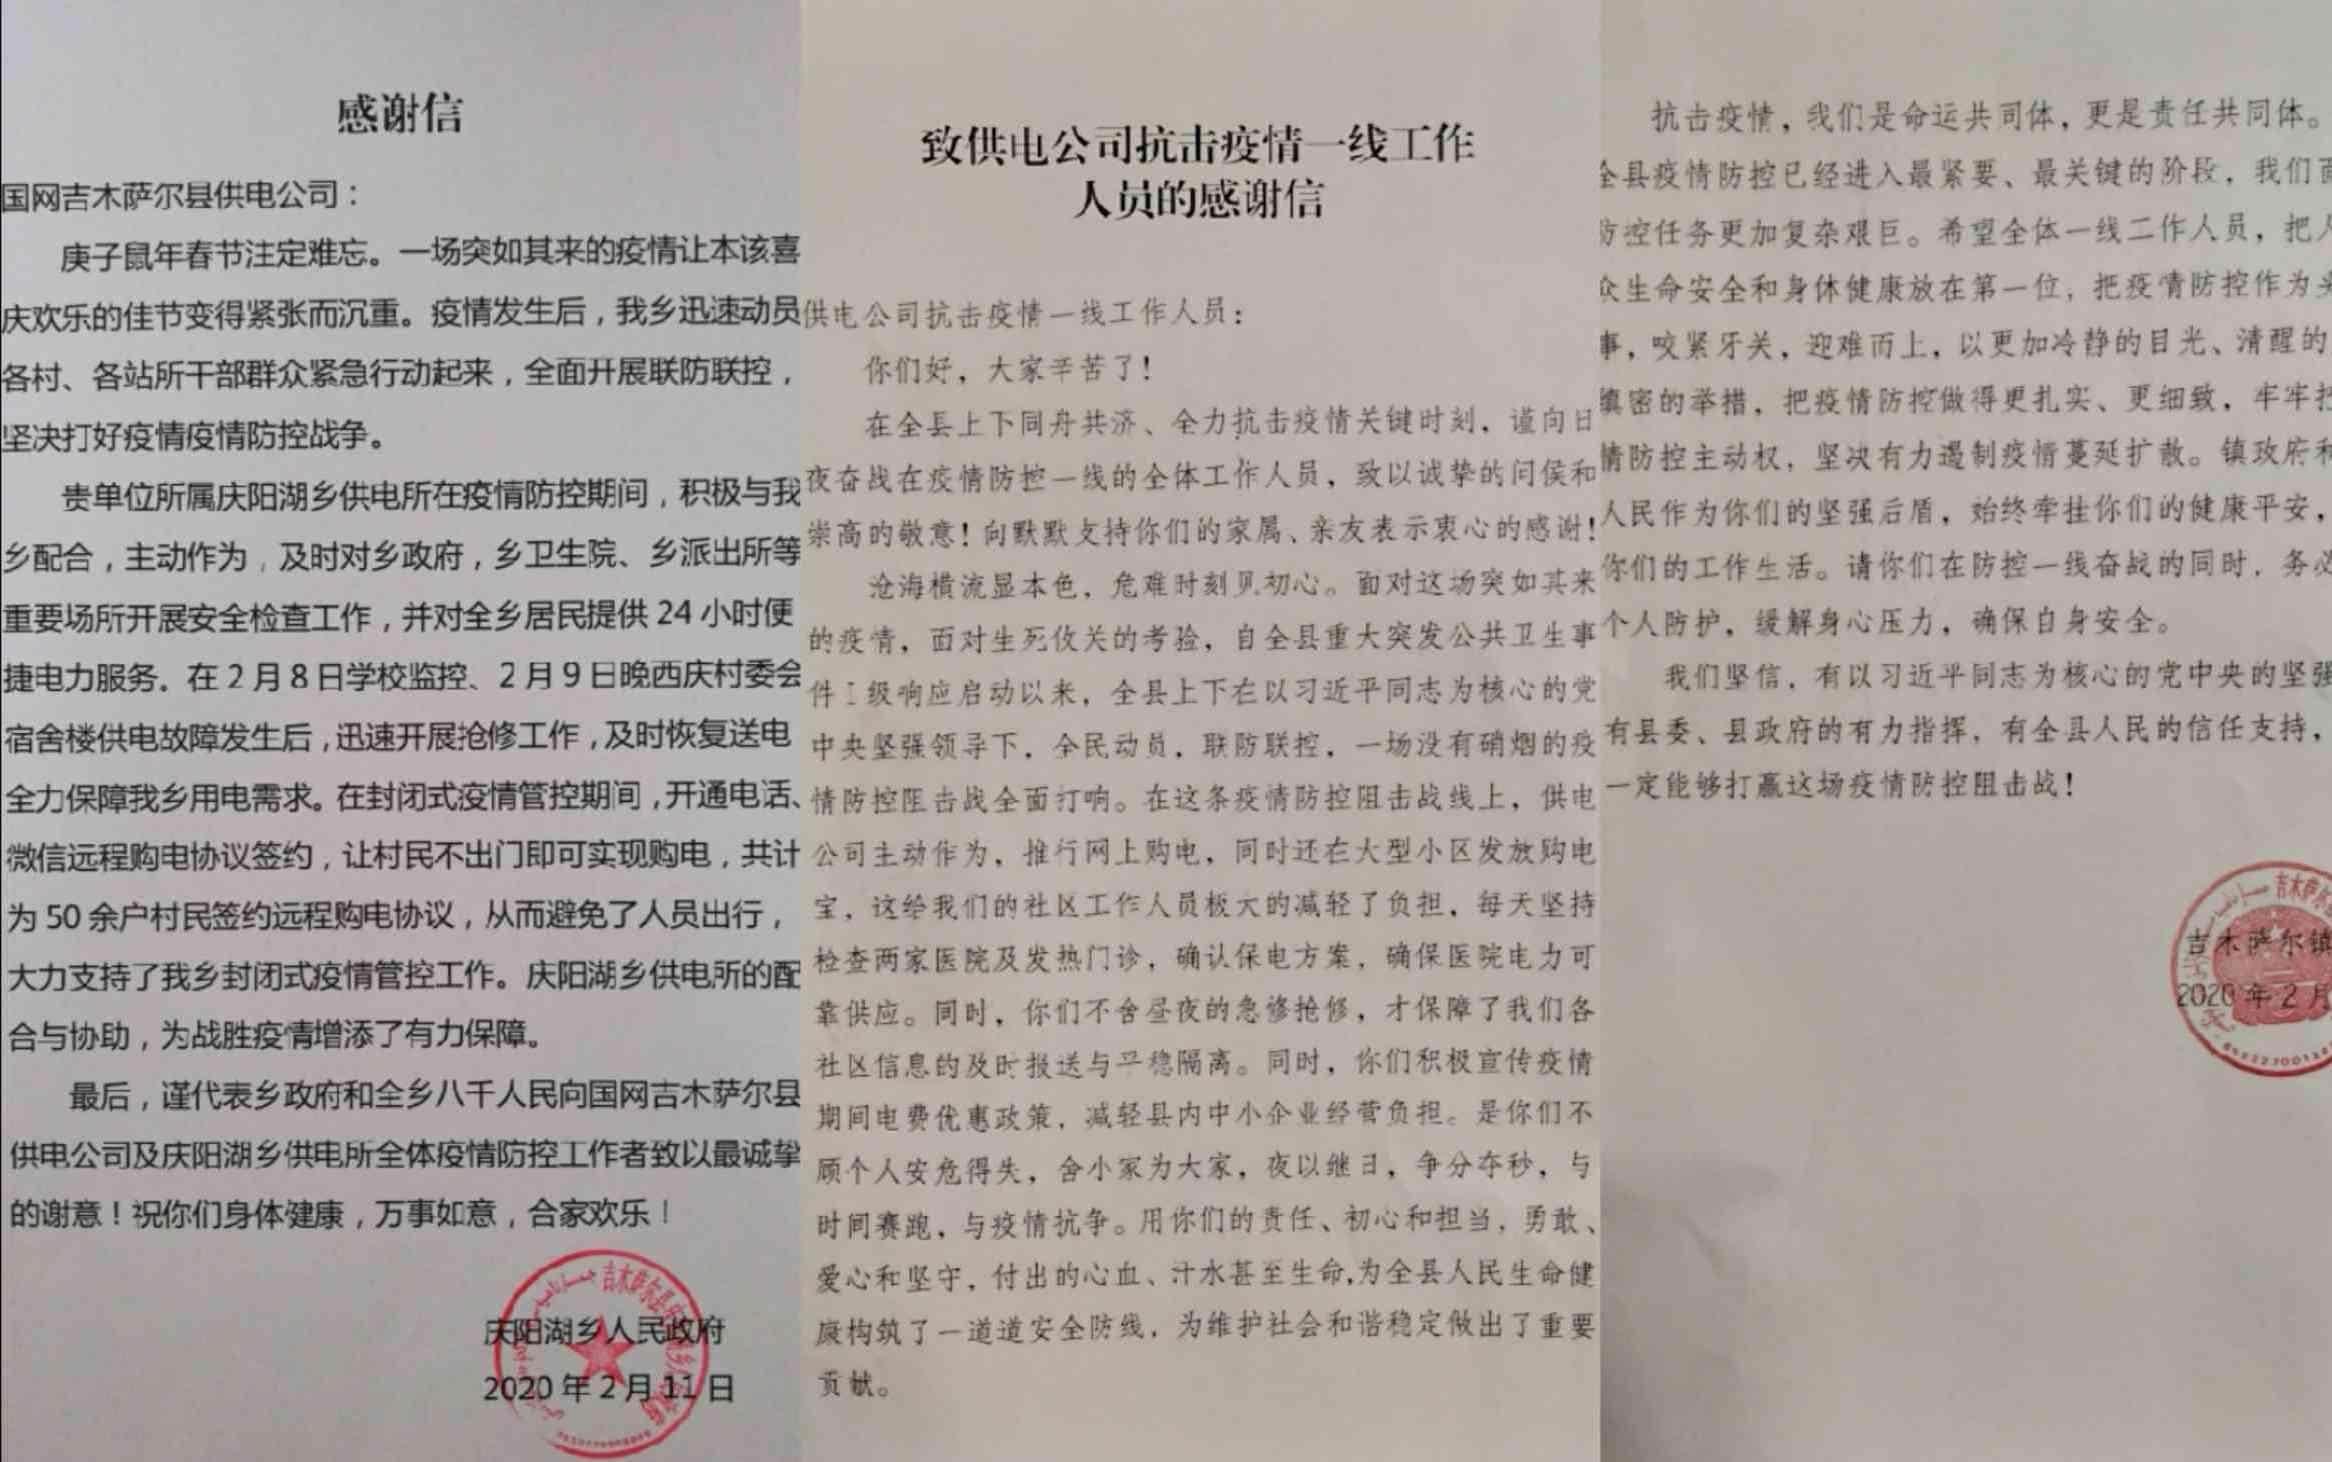 国网吉木萨尔县供电公司:疫情防控保供电获感谢信